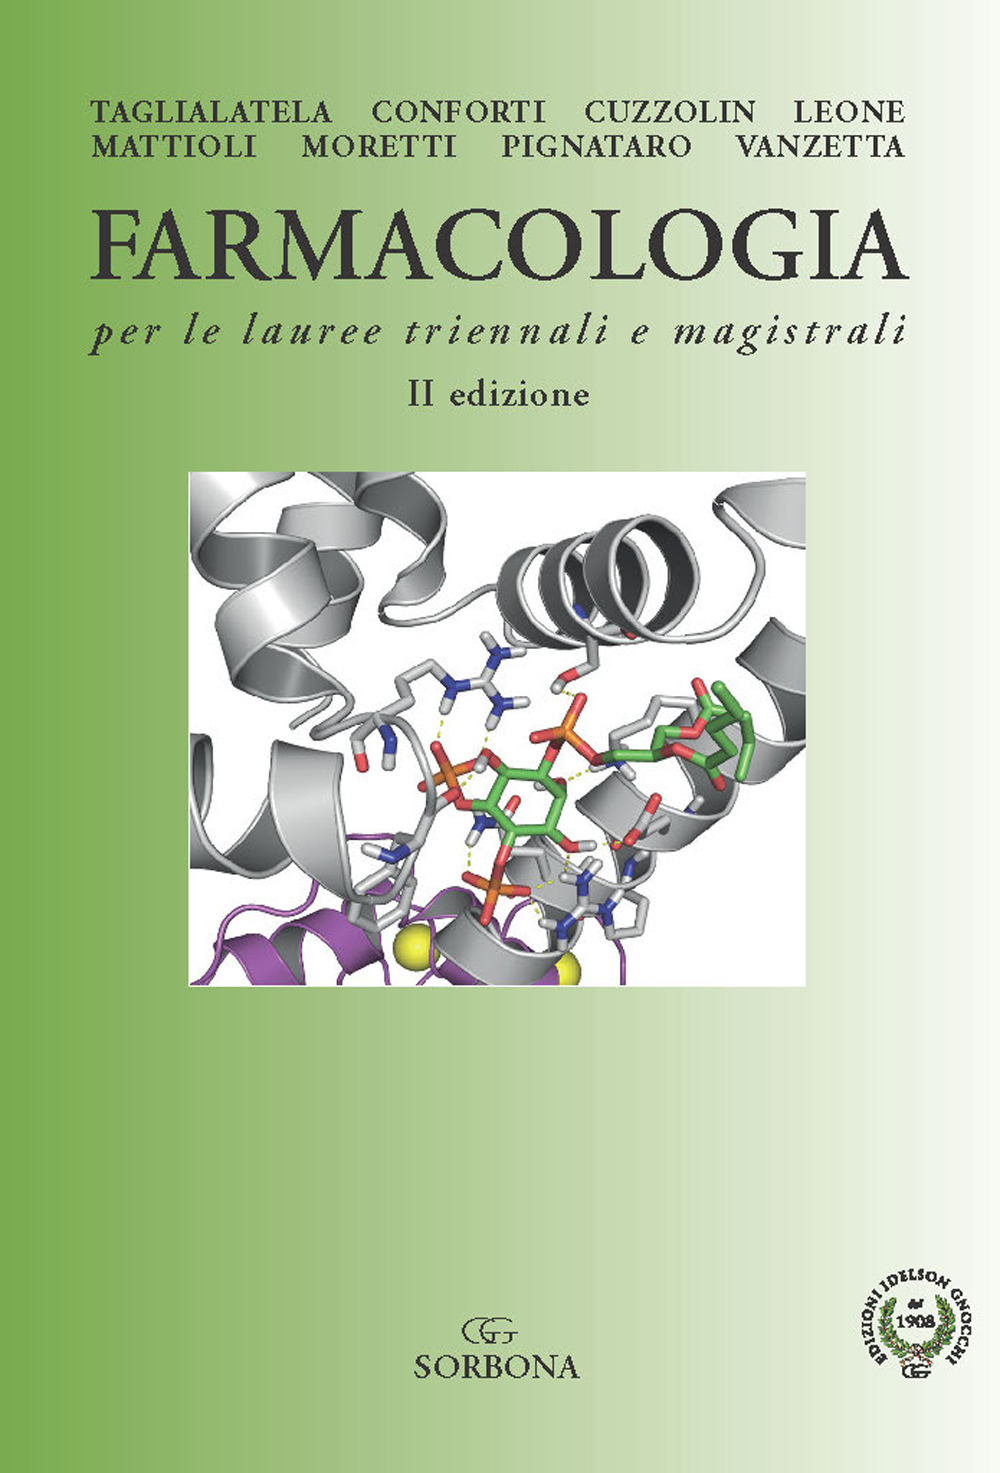 Image of Farmacologia per le lauree triennali e magistrali